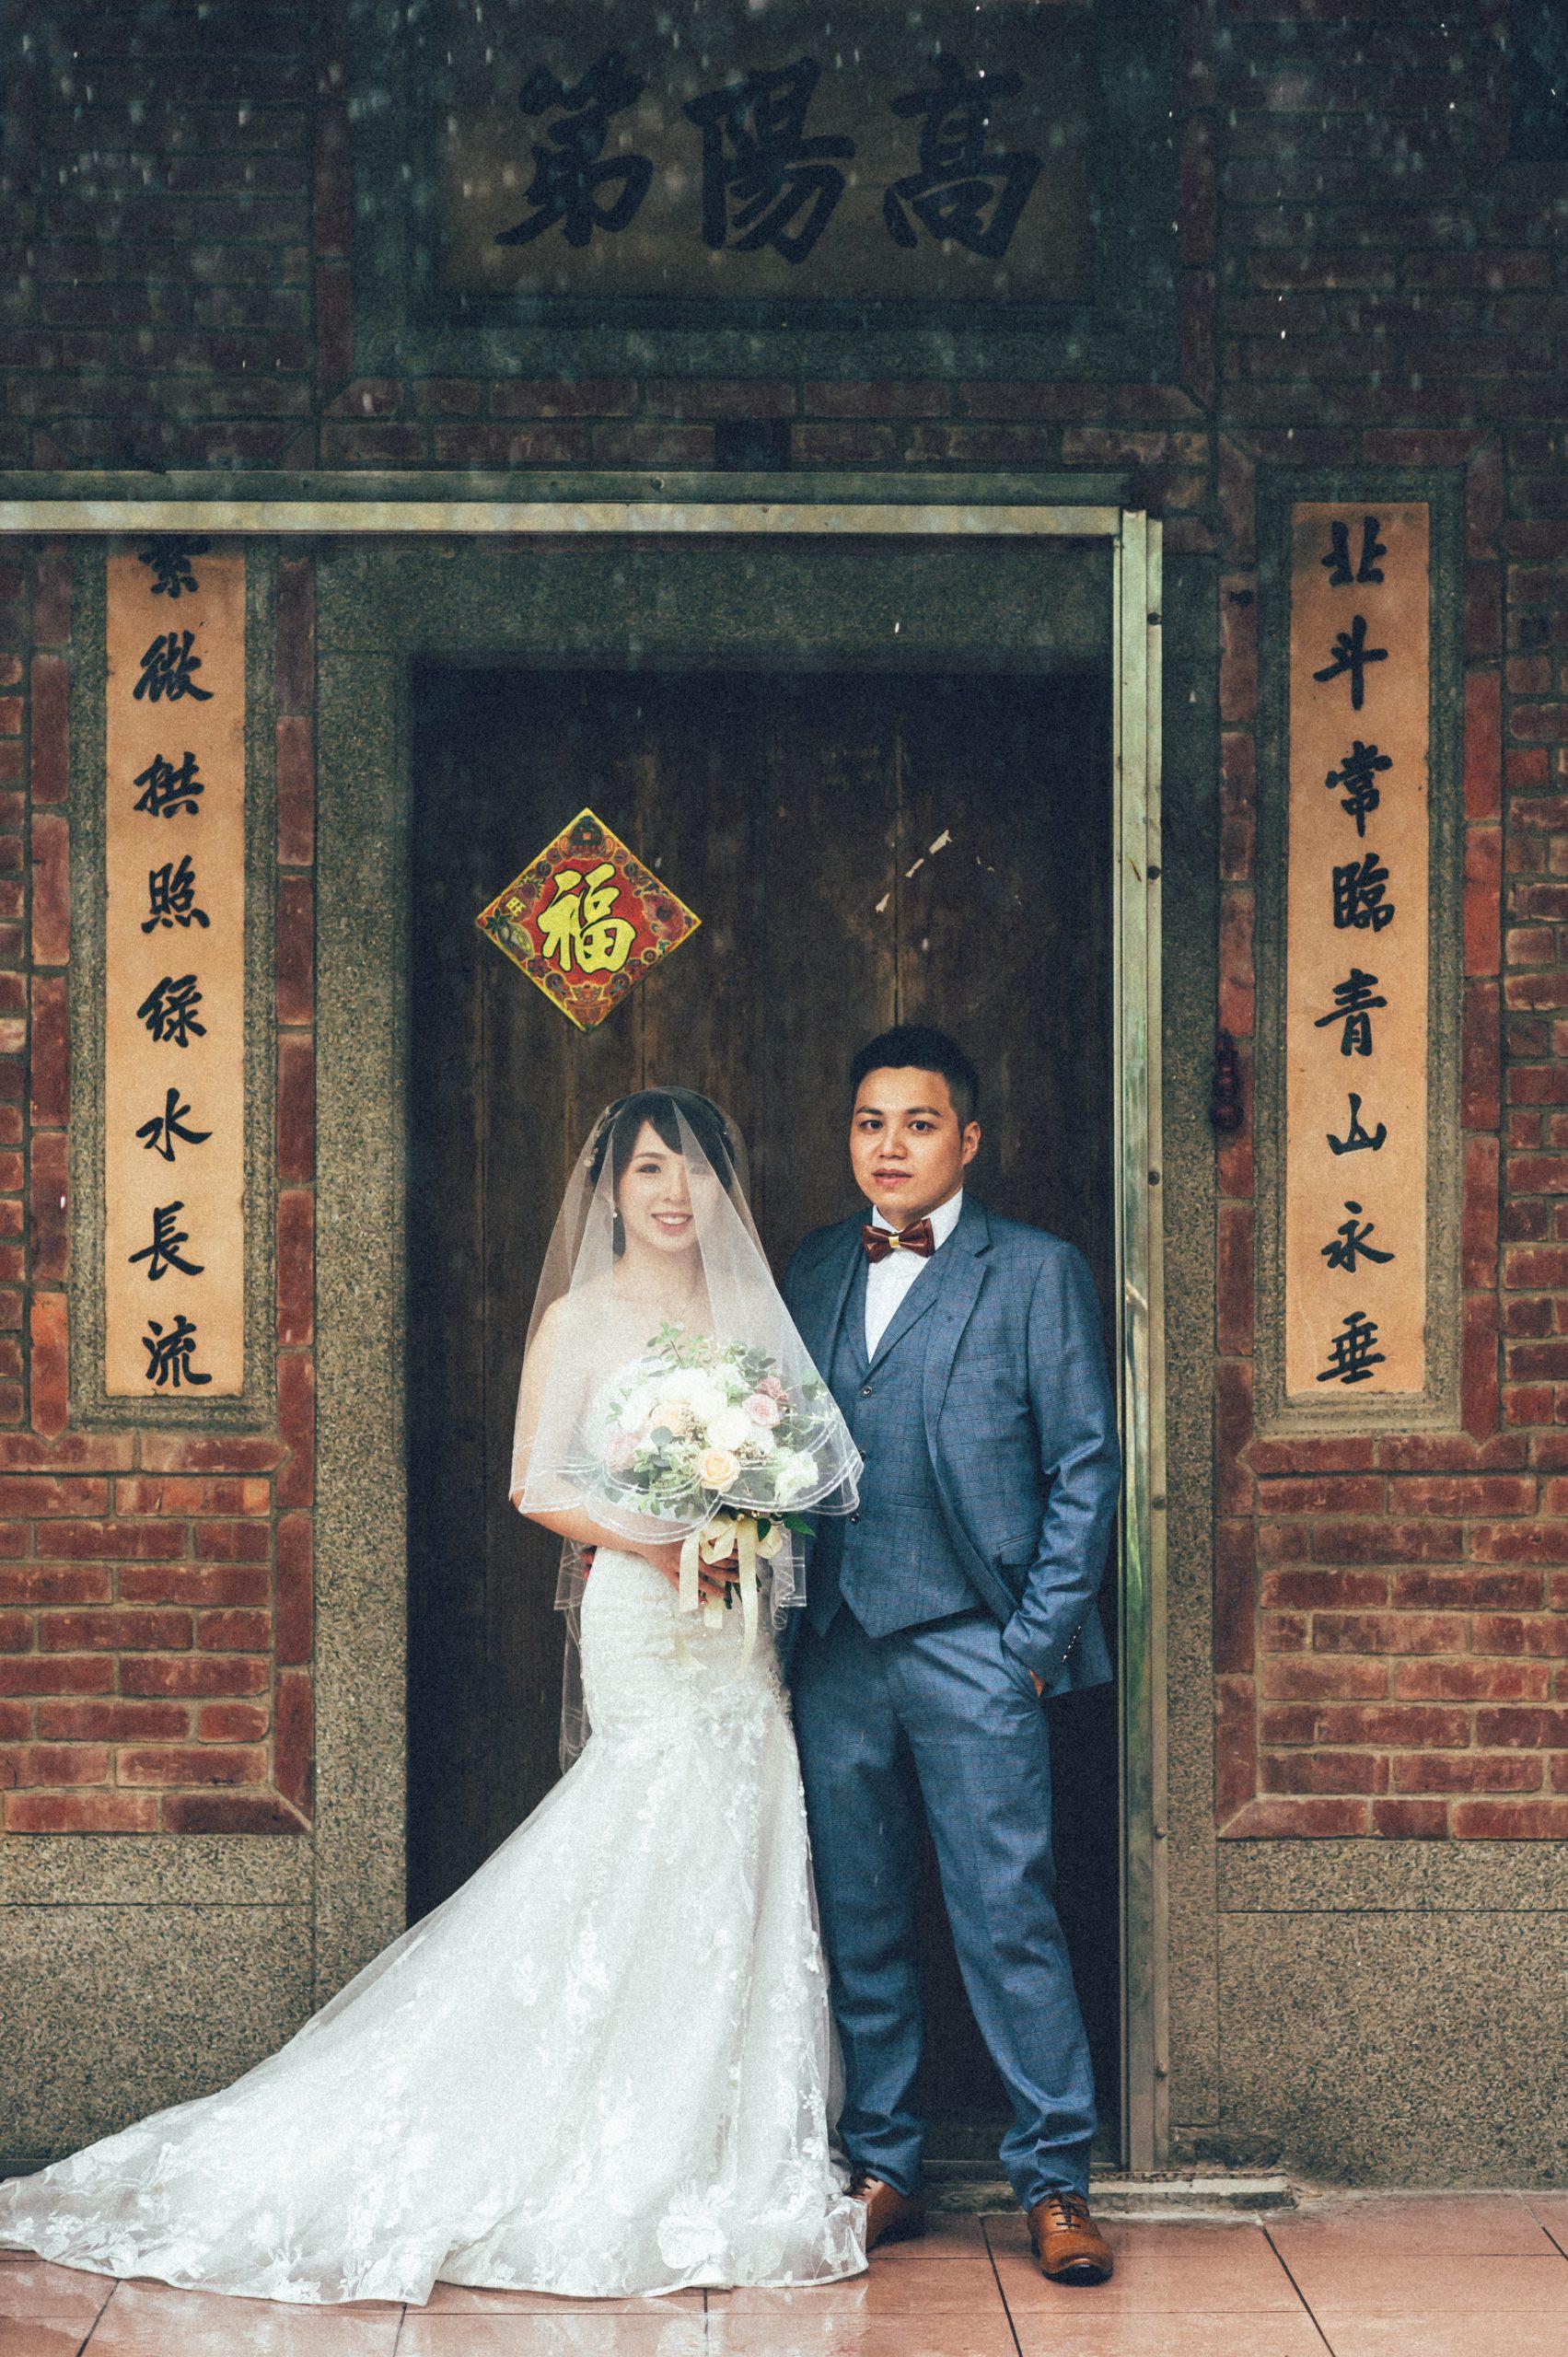 新竹婚攝 志成+煖妮 結婚迎娶 婚禮紀錄